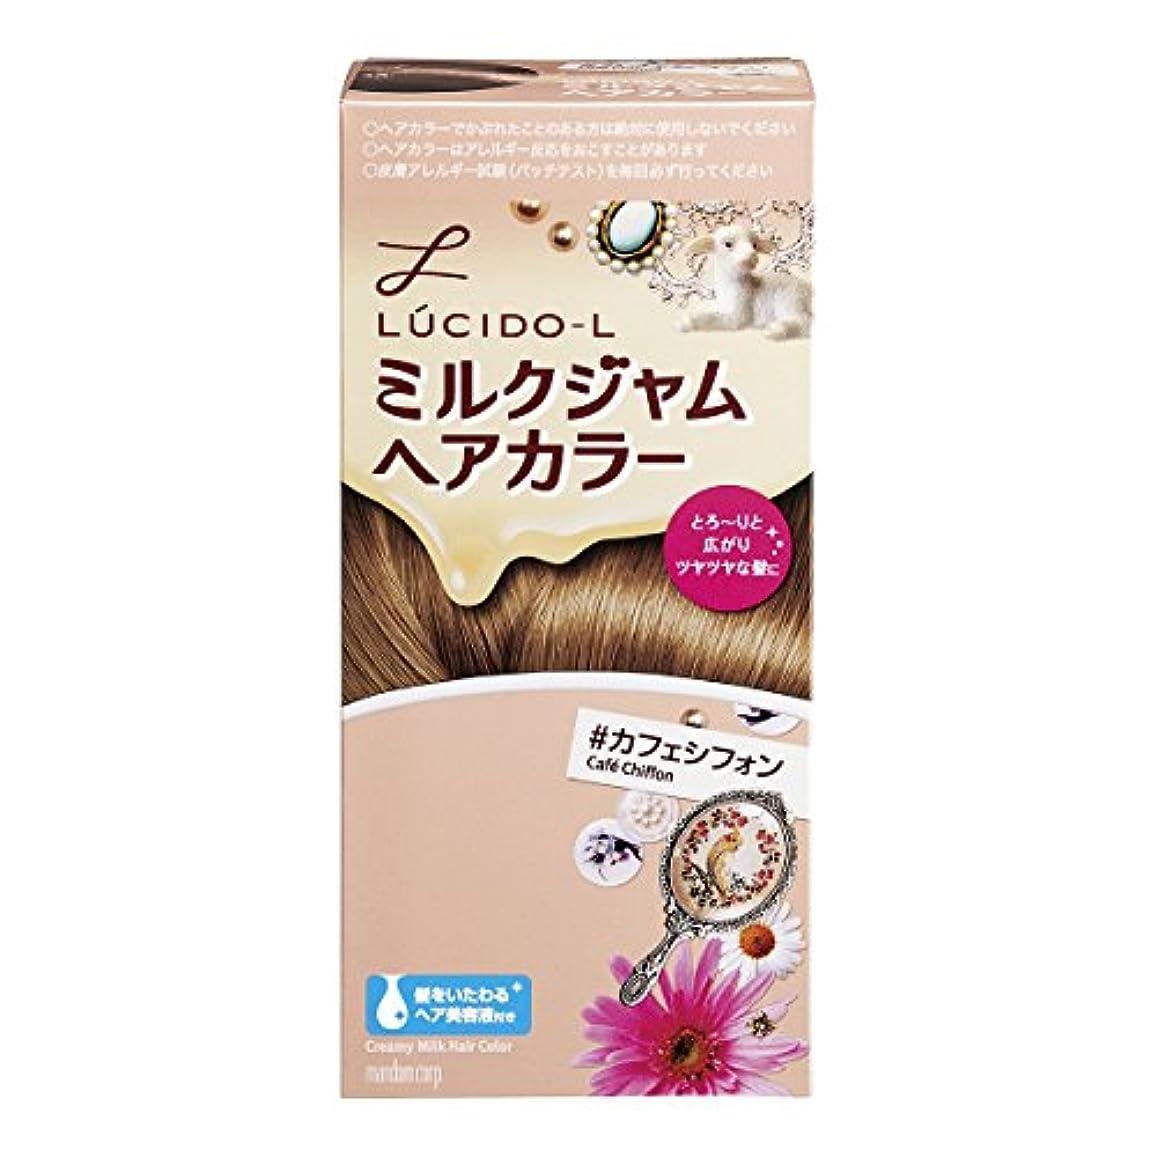 ホバー達成可能ギャロップLUCIDO-L (ルシードエル) ミルクジャムヘアカラー #カフェシフォン(医薬部外品) (1剤40g 2剤80mL TR5g)